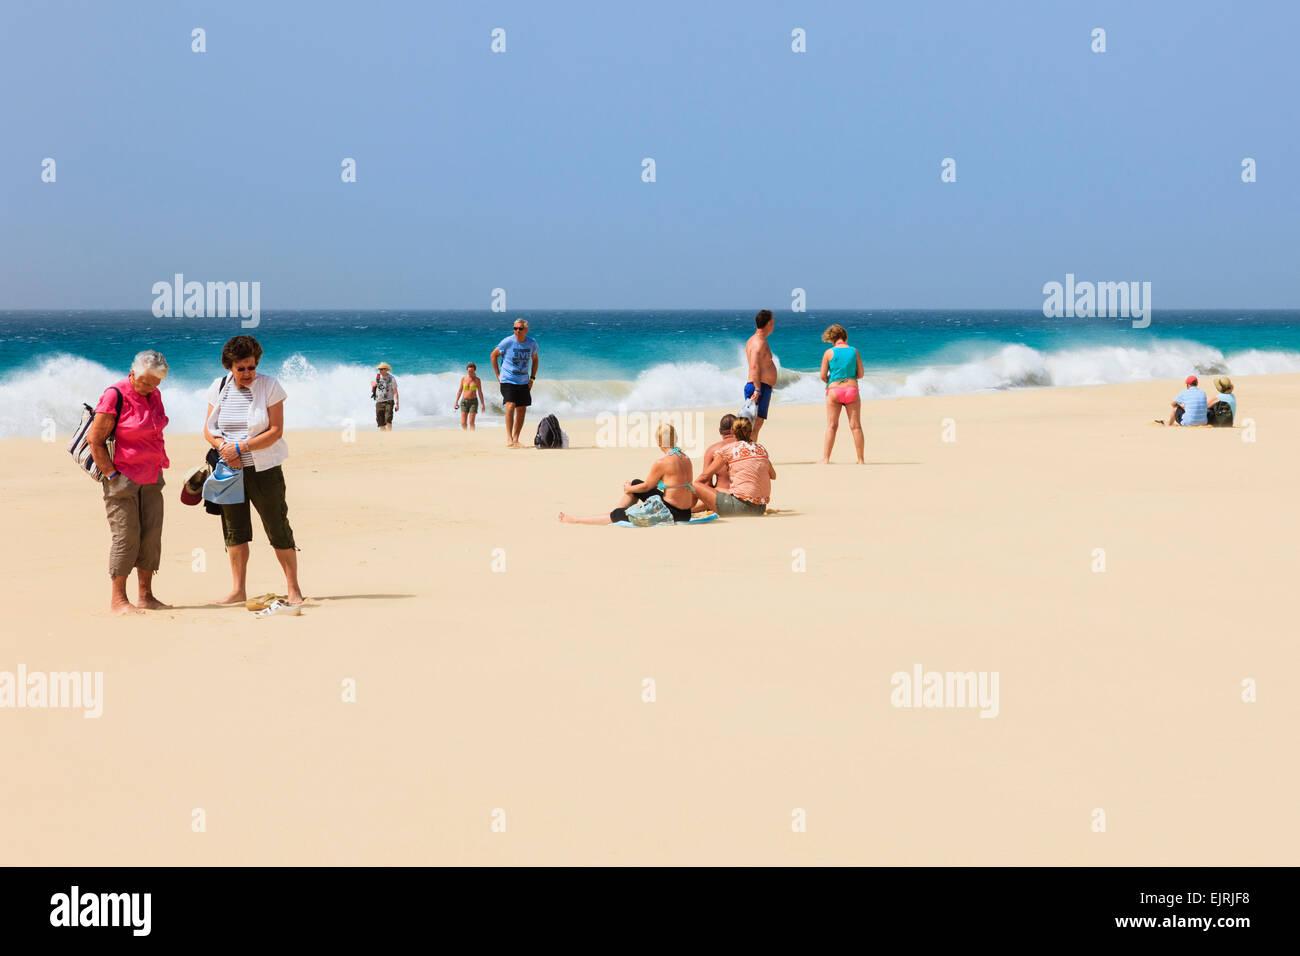 Los turistas en la playa de arena con mar gruesa más allá en la playa de Santa Mónica, Boa Vista, Imagen De Stock